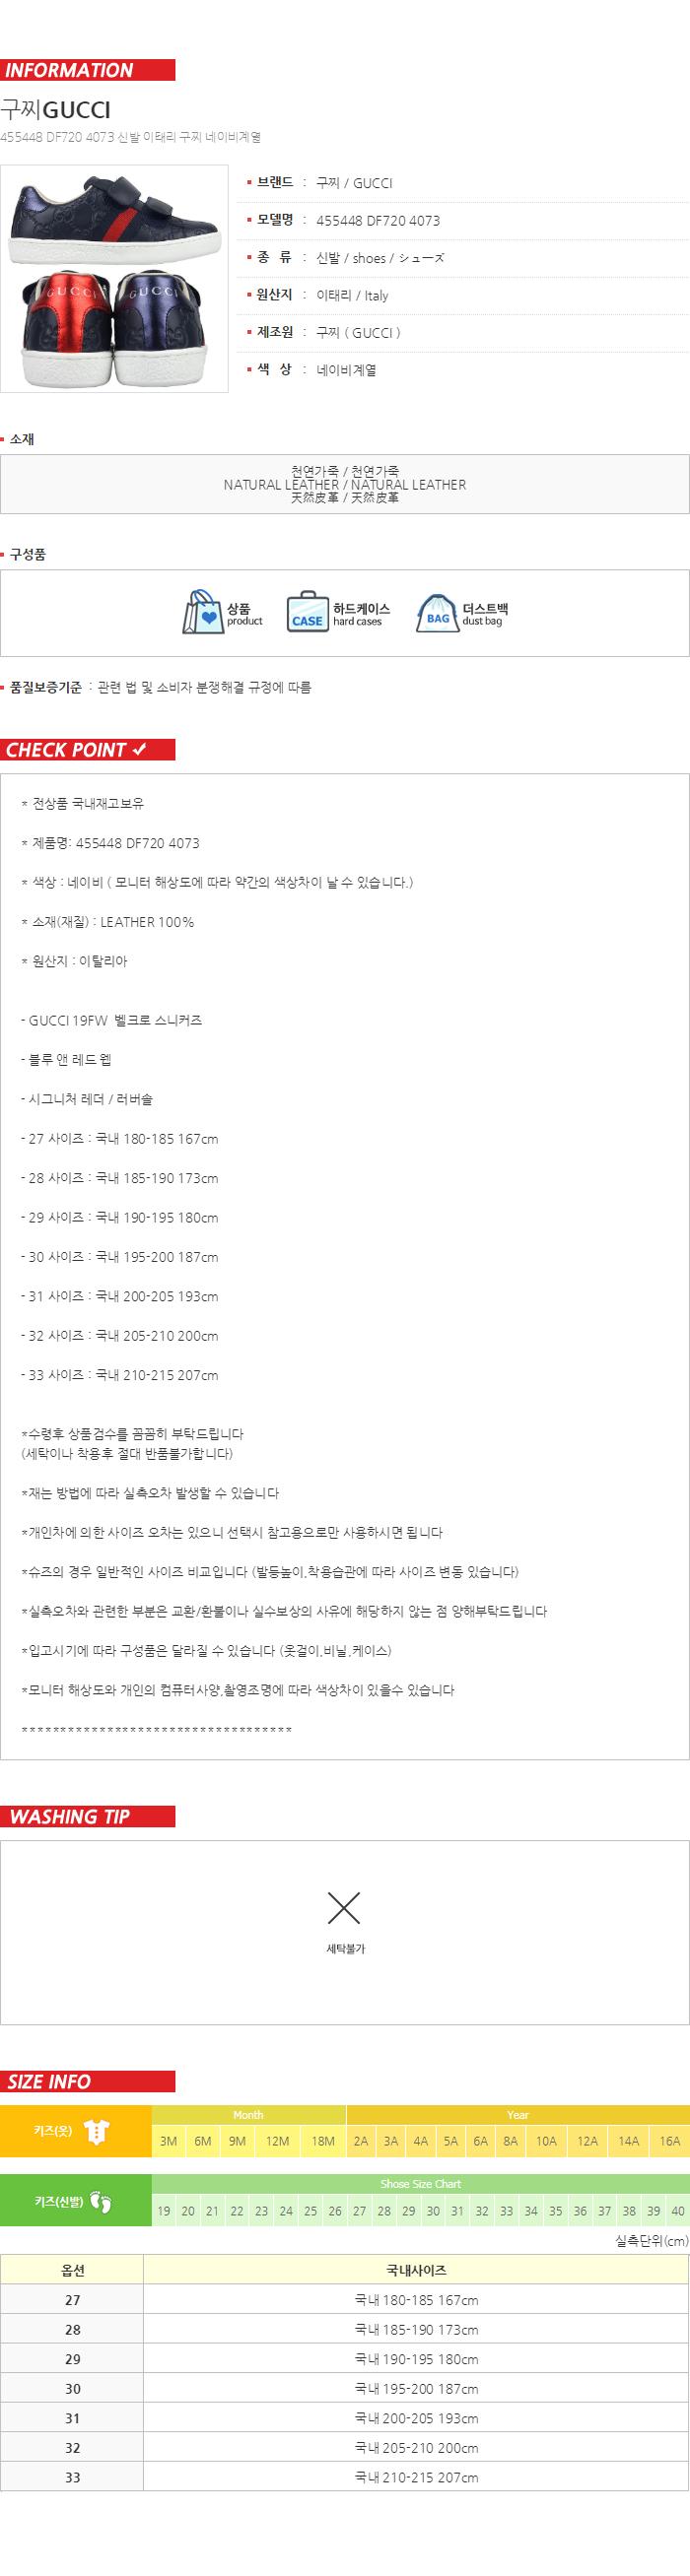 구찌 쥬니어 시그니처 스니커즈 455448 DF720 4073 국내배송